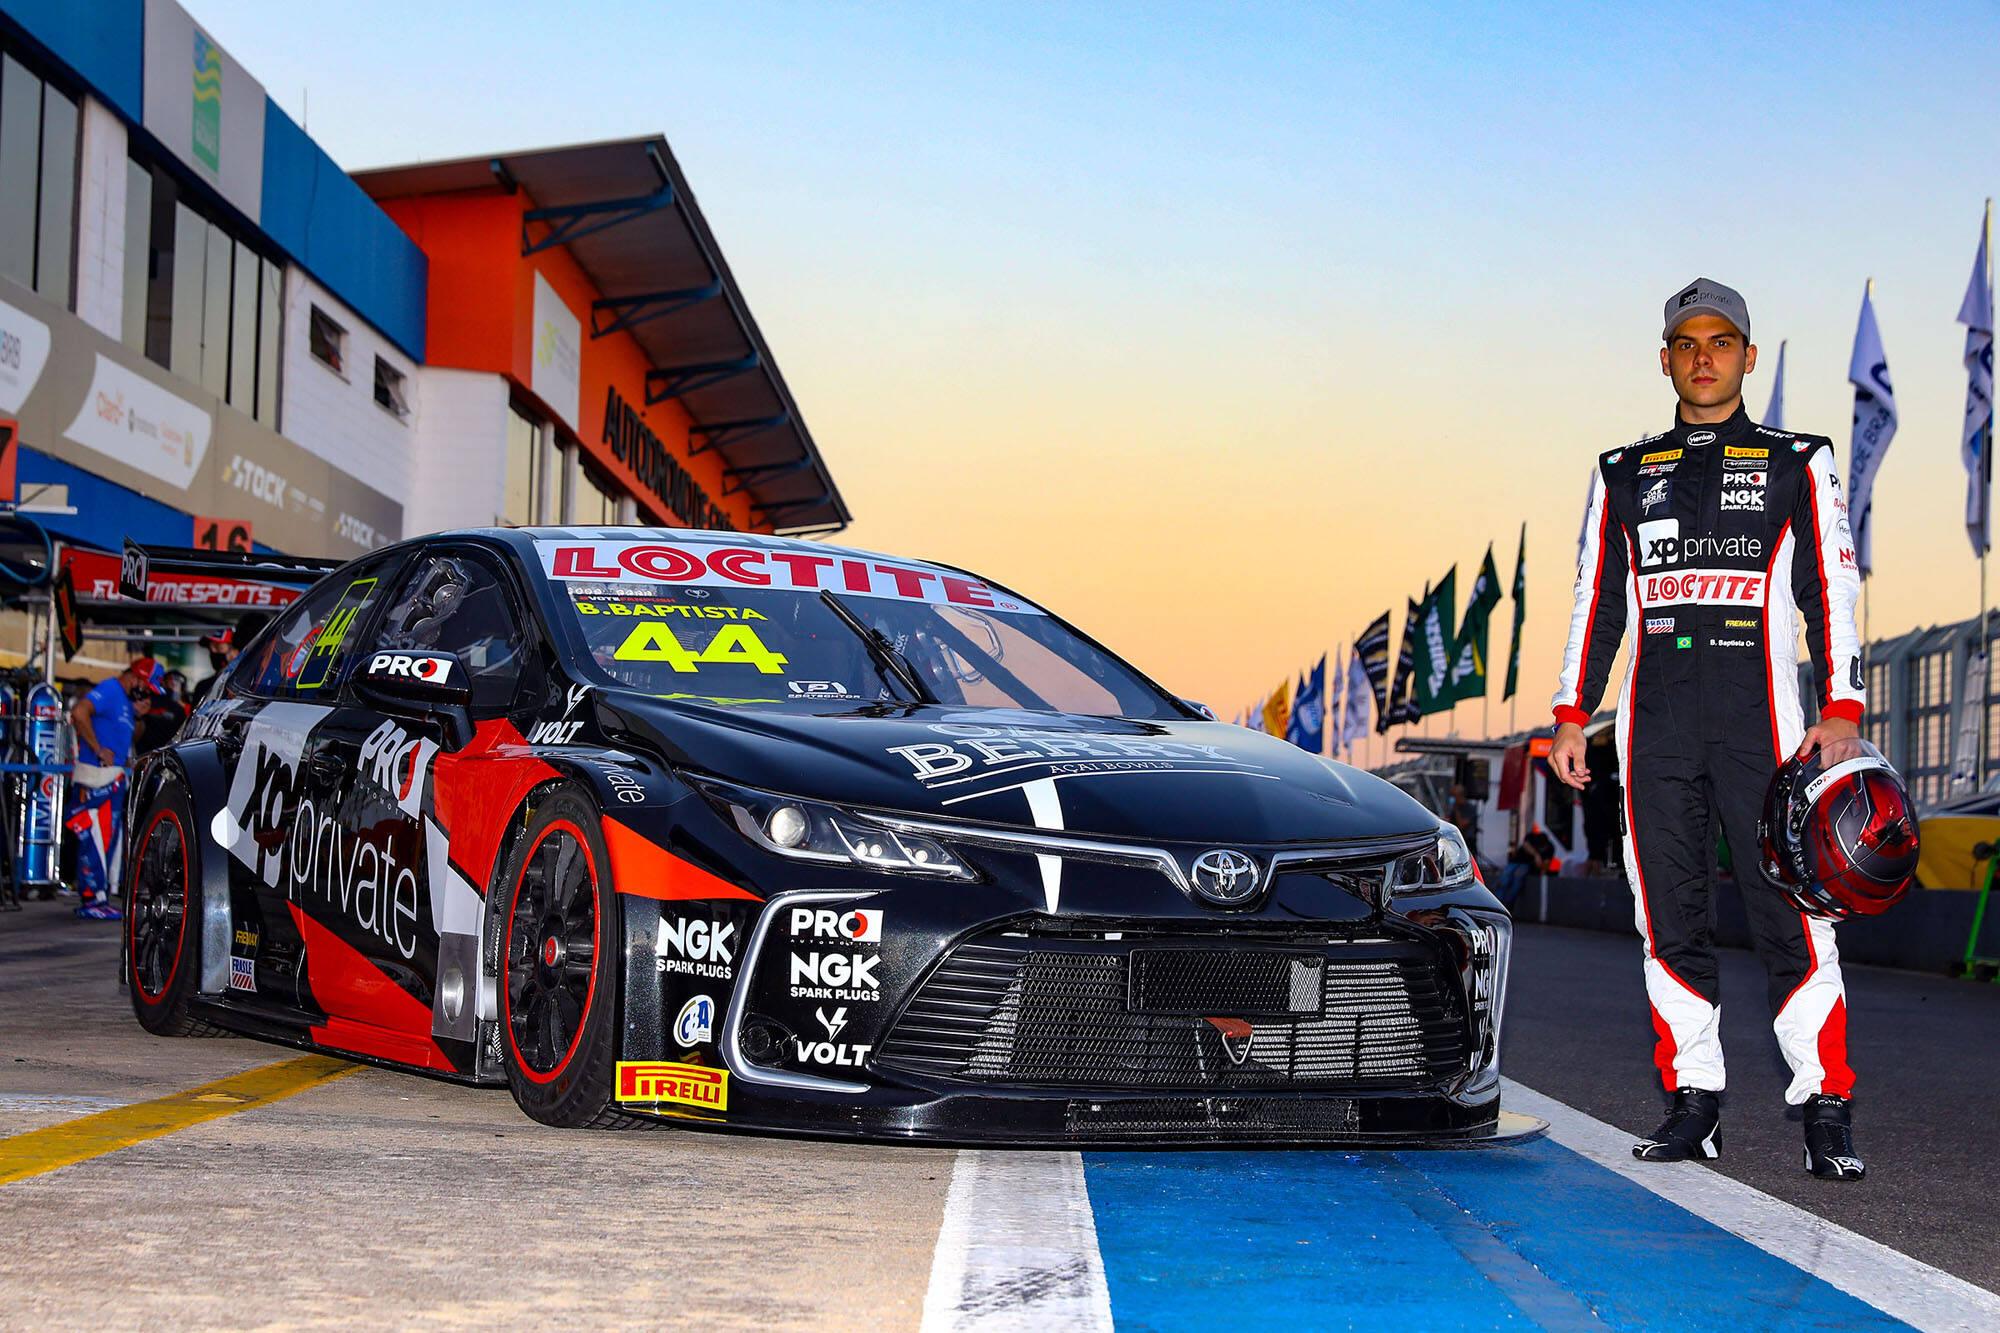 Foto: Fotos Hyset (Racing) e Divulgação